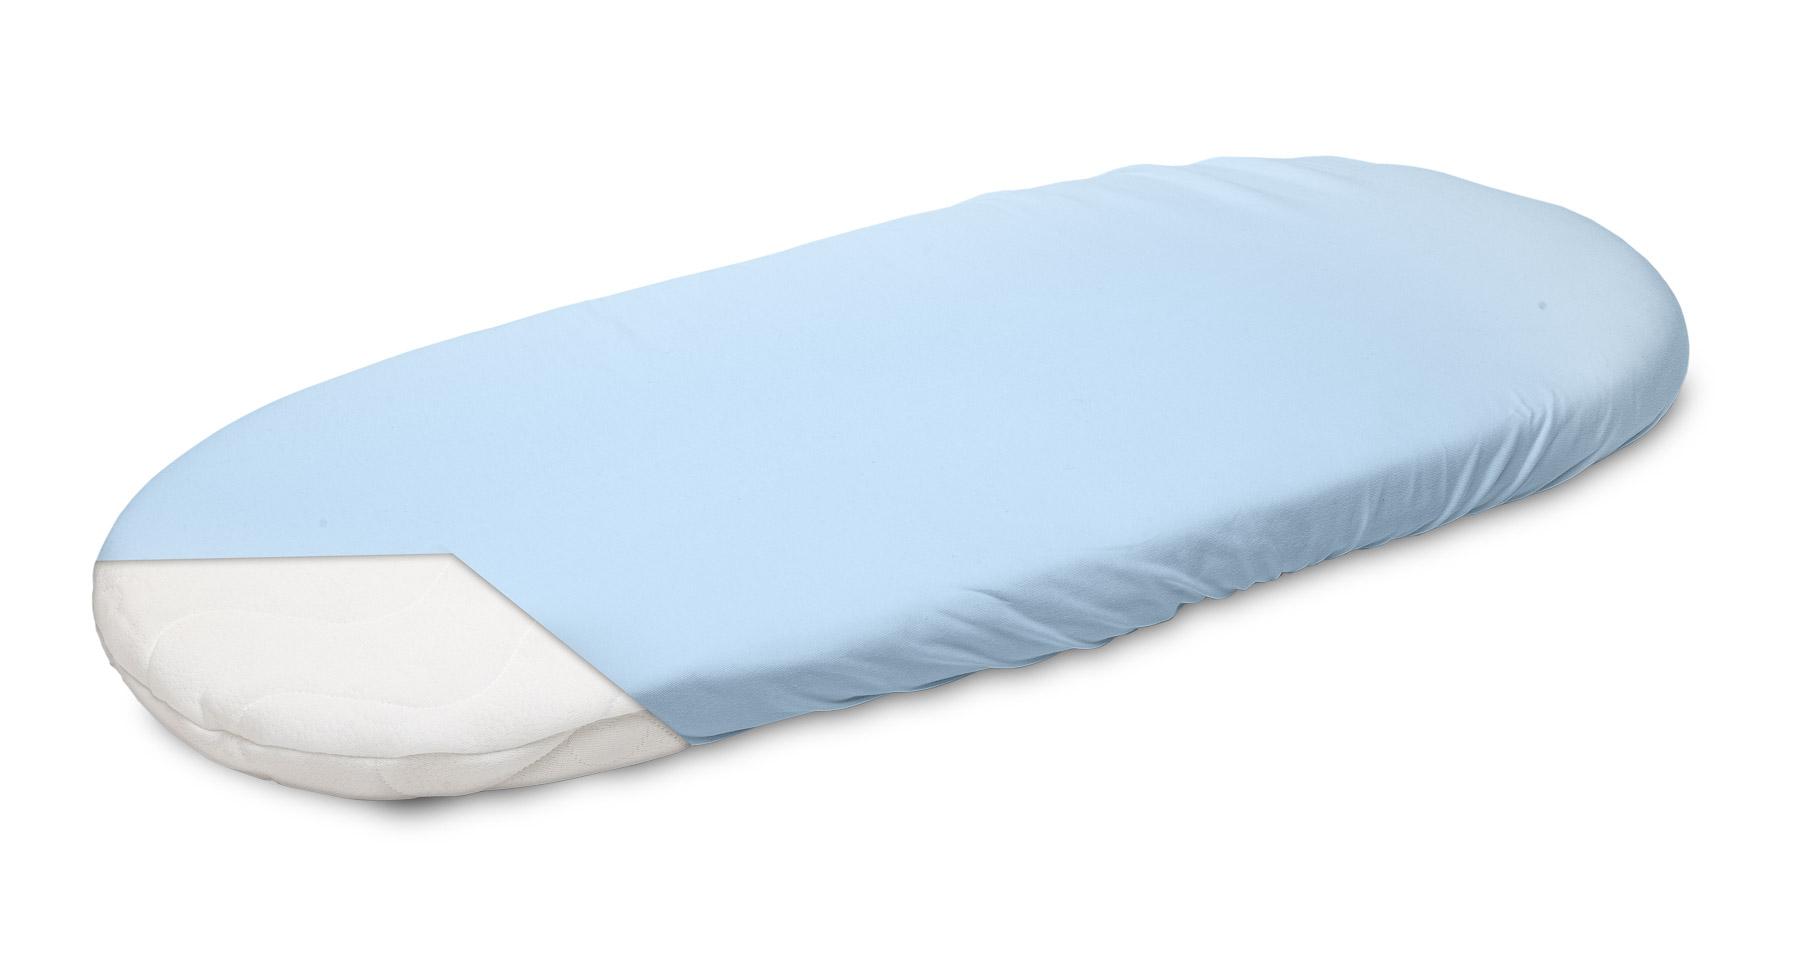 Jersey Pushchair Sheet – blue